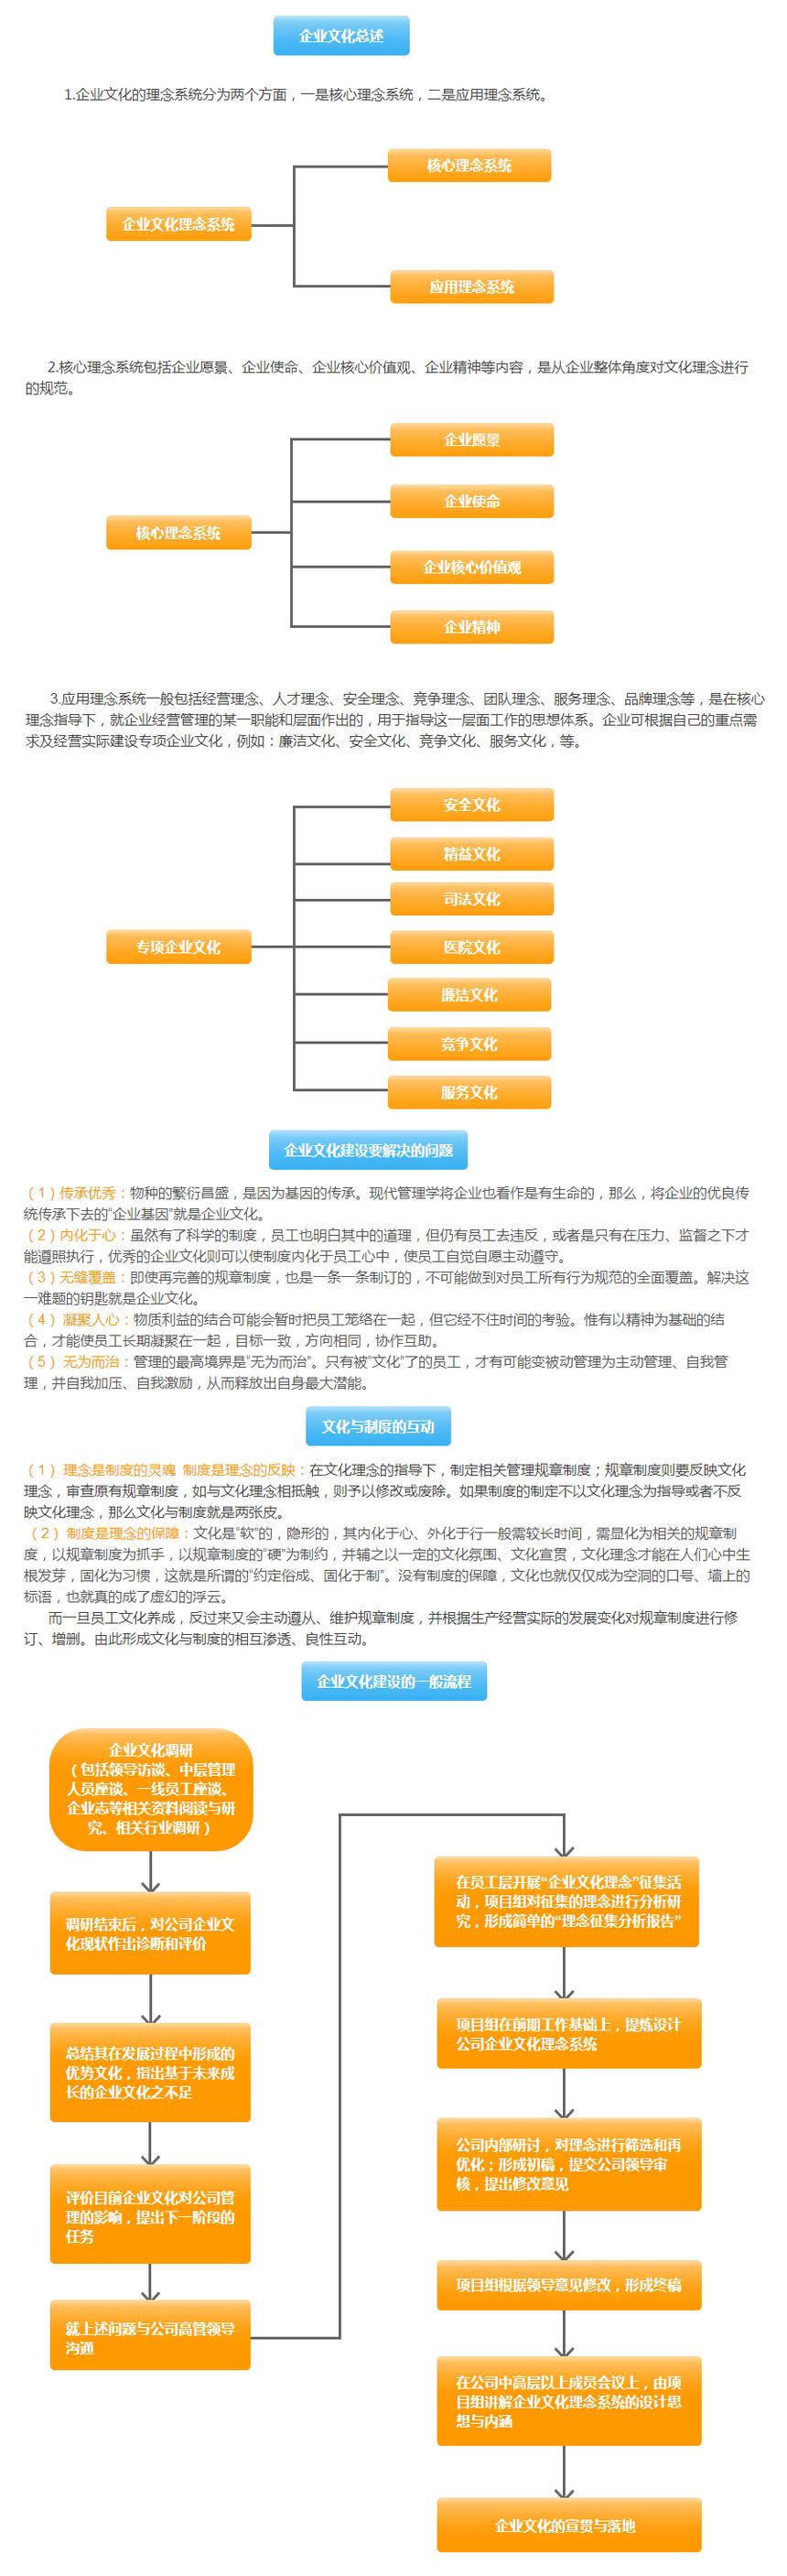 企业文化业务概述-融合动力.png